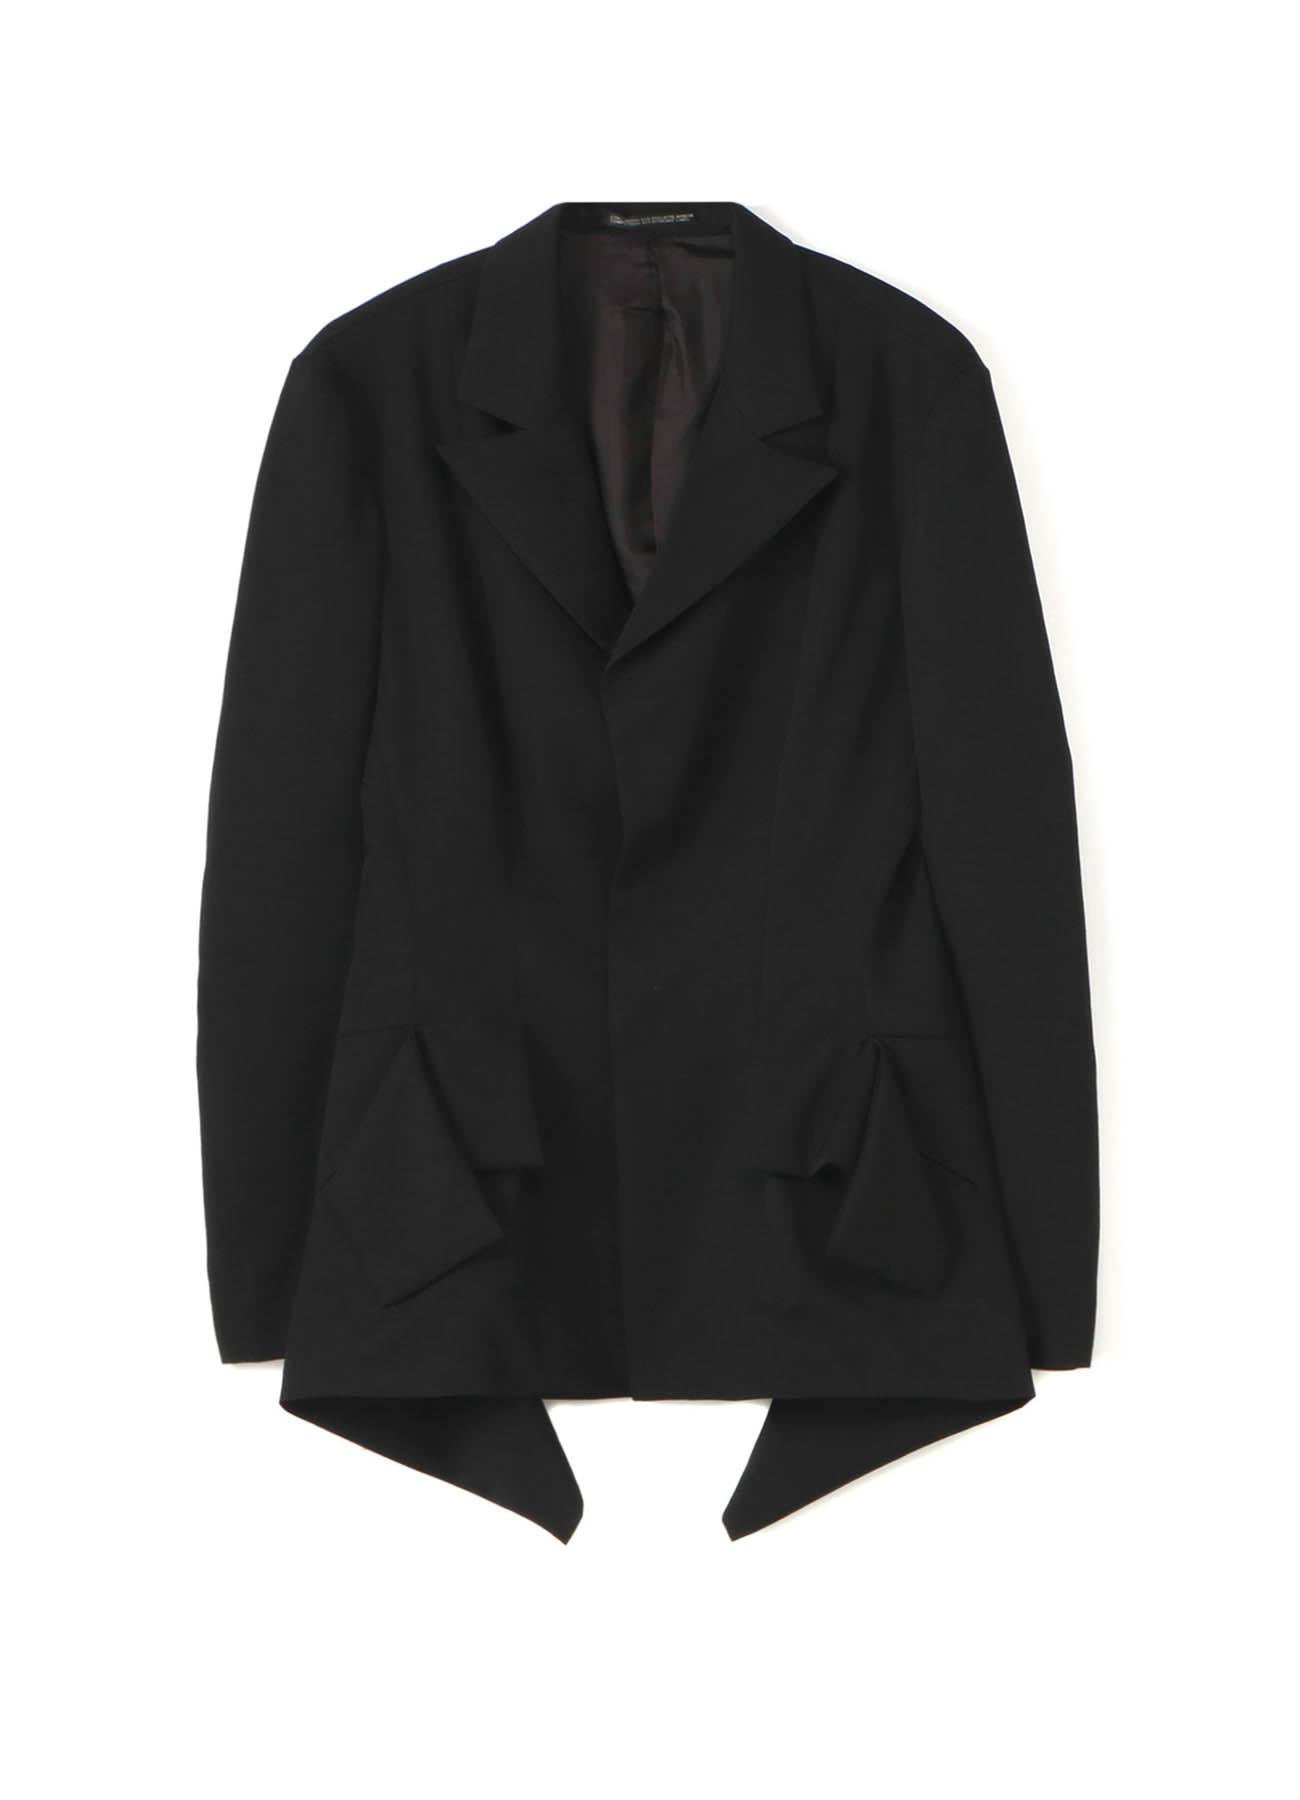 シワギャバフラシスナップ開きジャケット